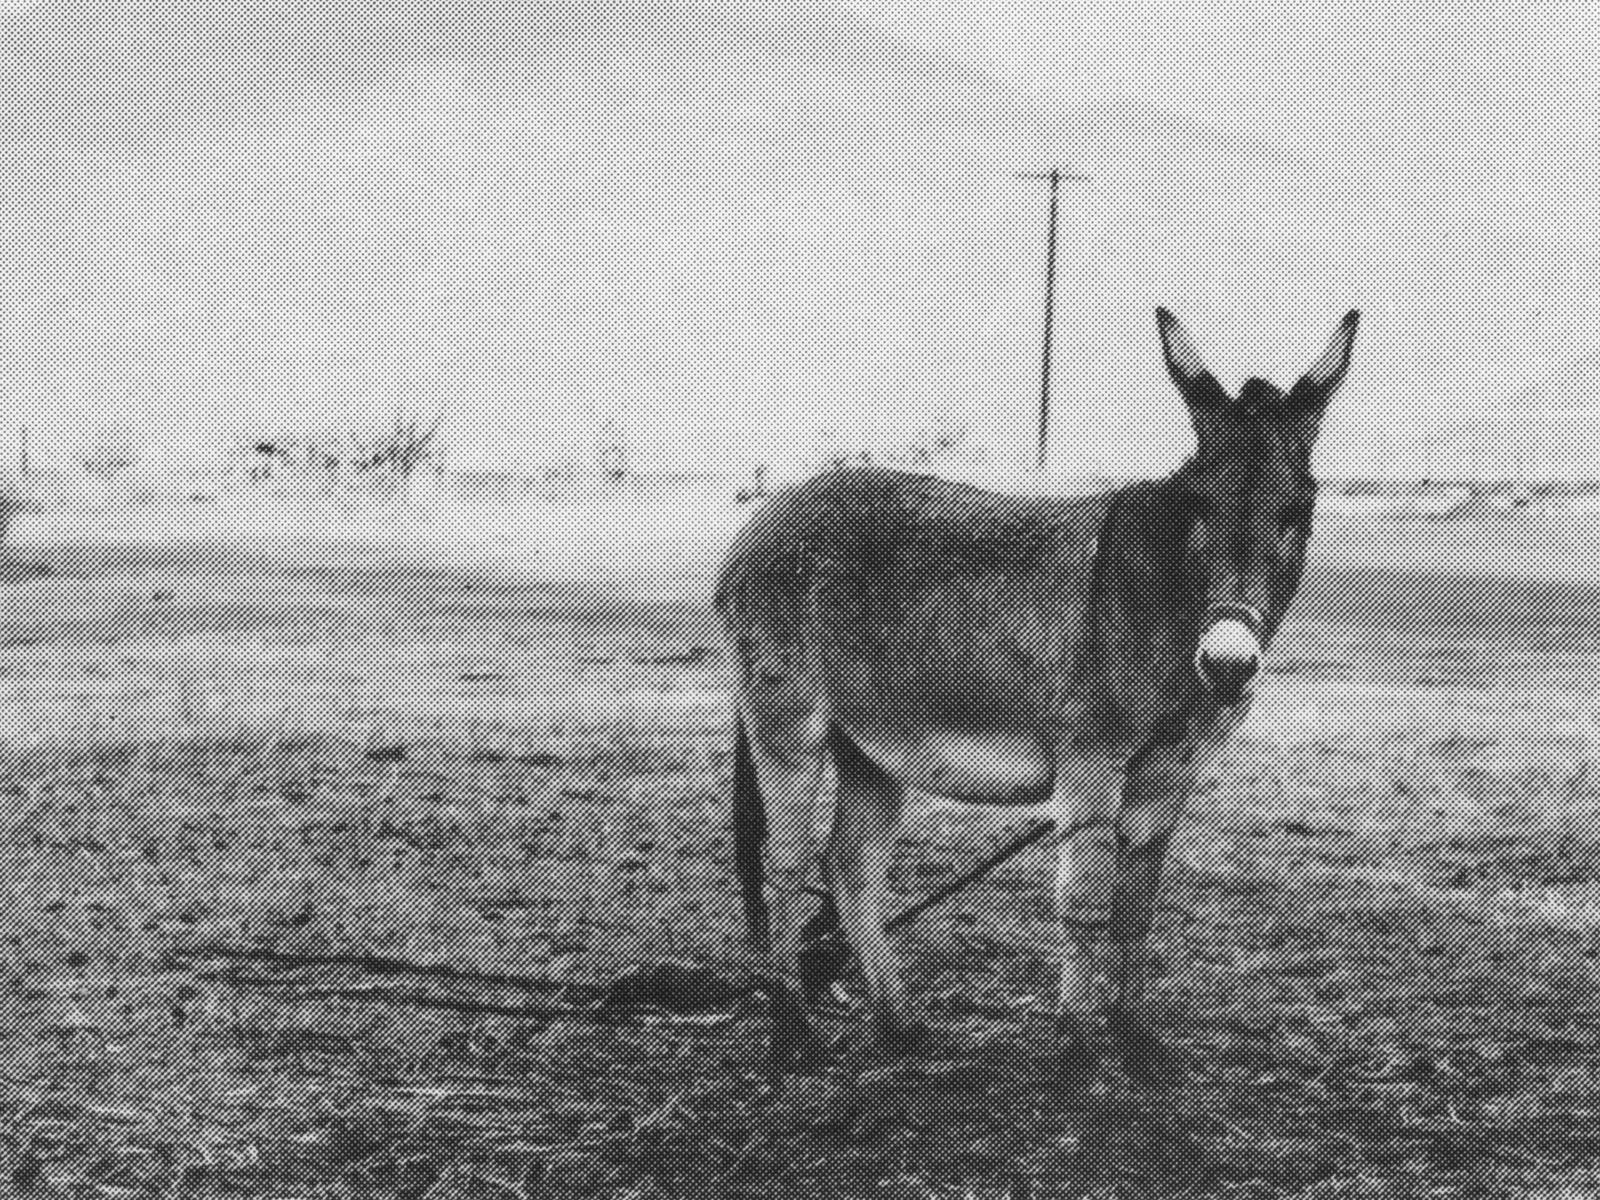 donkey_print_crop.jpg